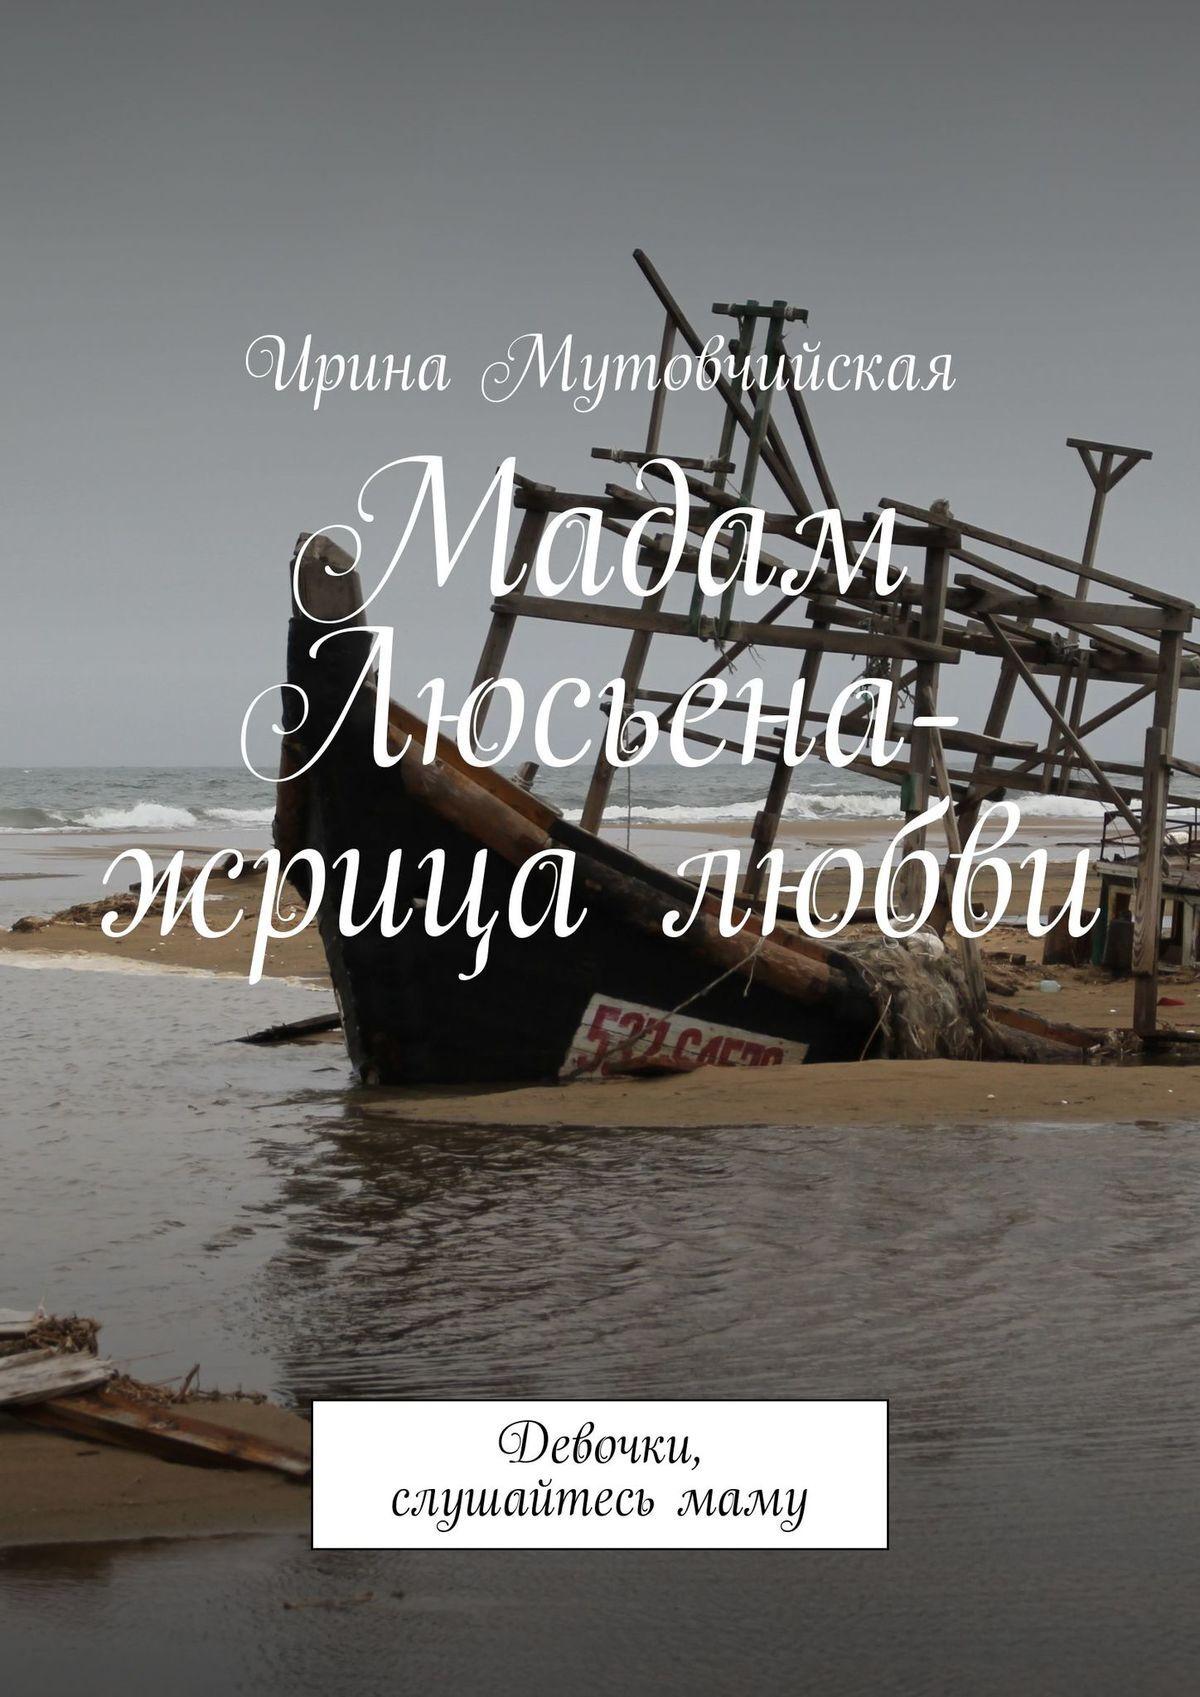 Ирина Мутовчийская Как сбежать отсутенера? Люсьена. Киносценарий